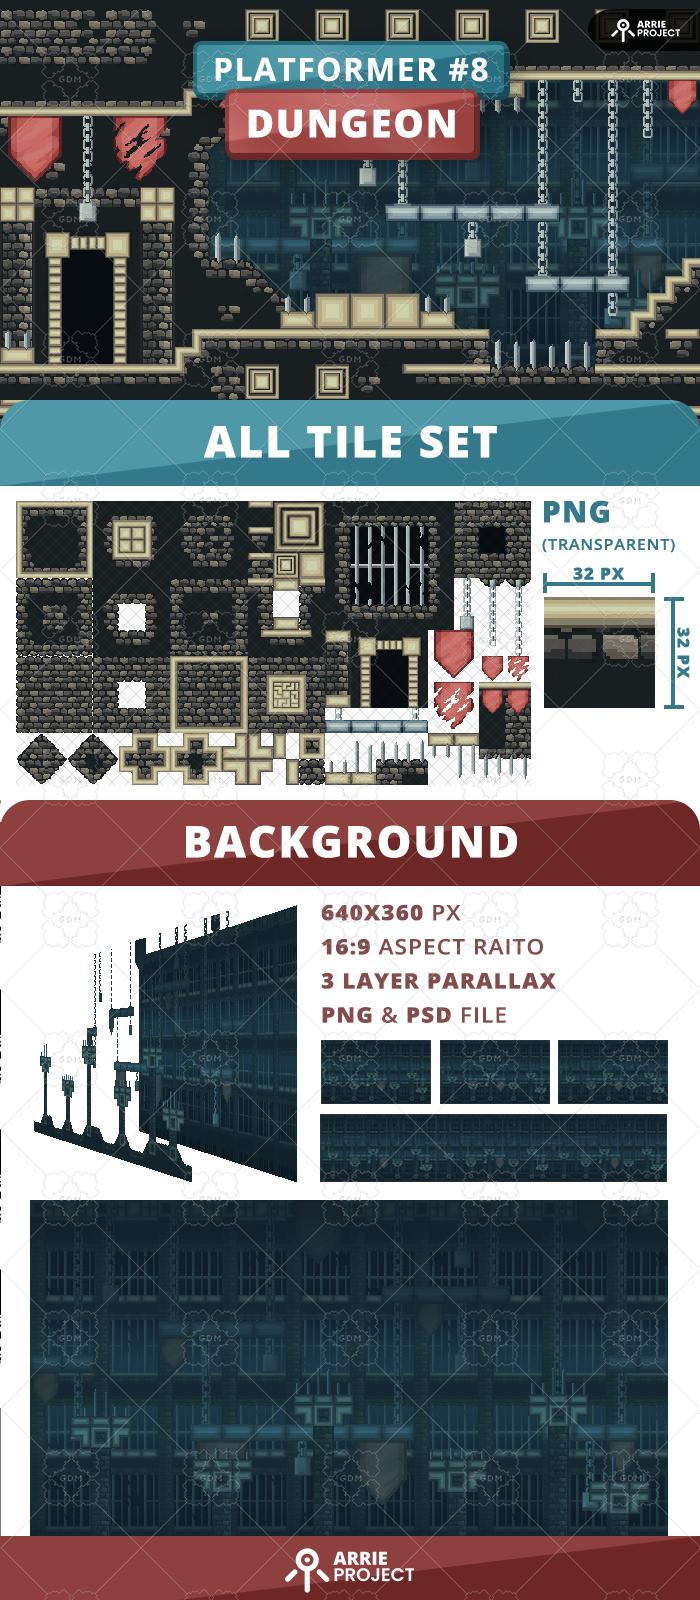 Platformer 8 Dungeon